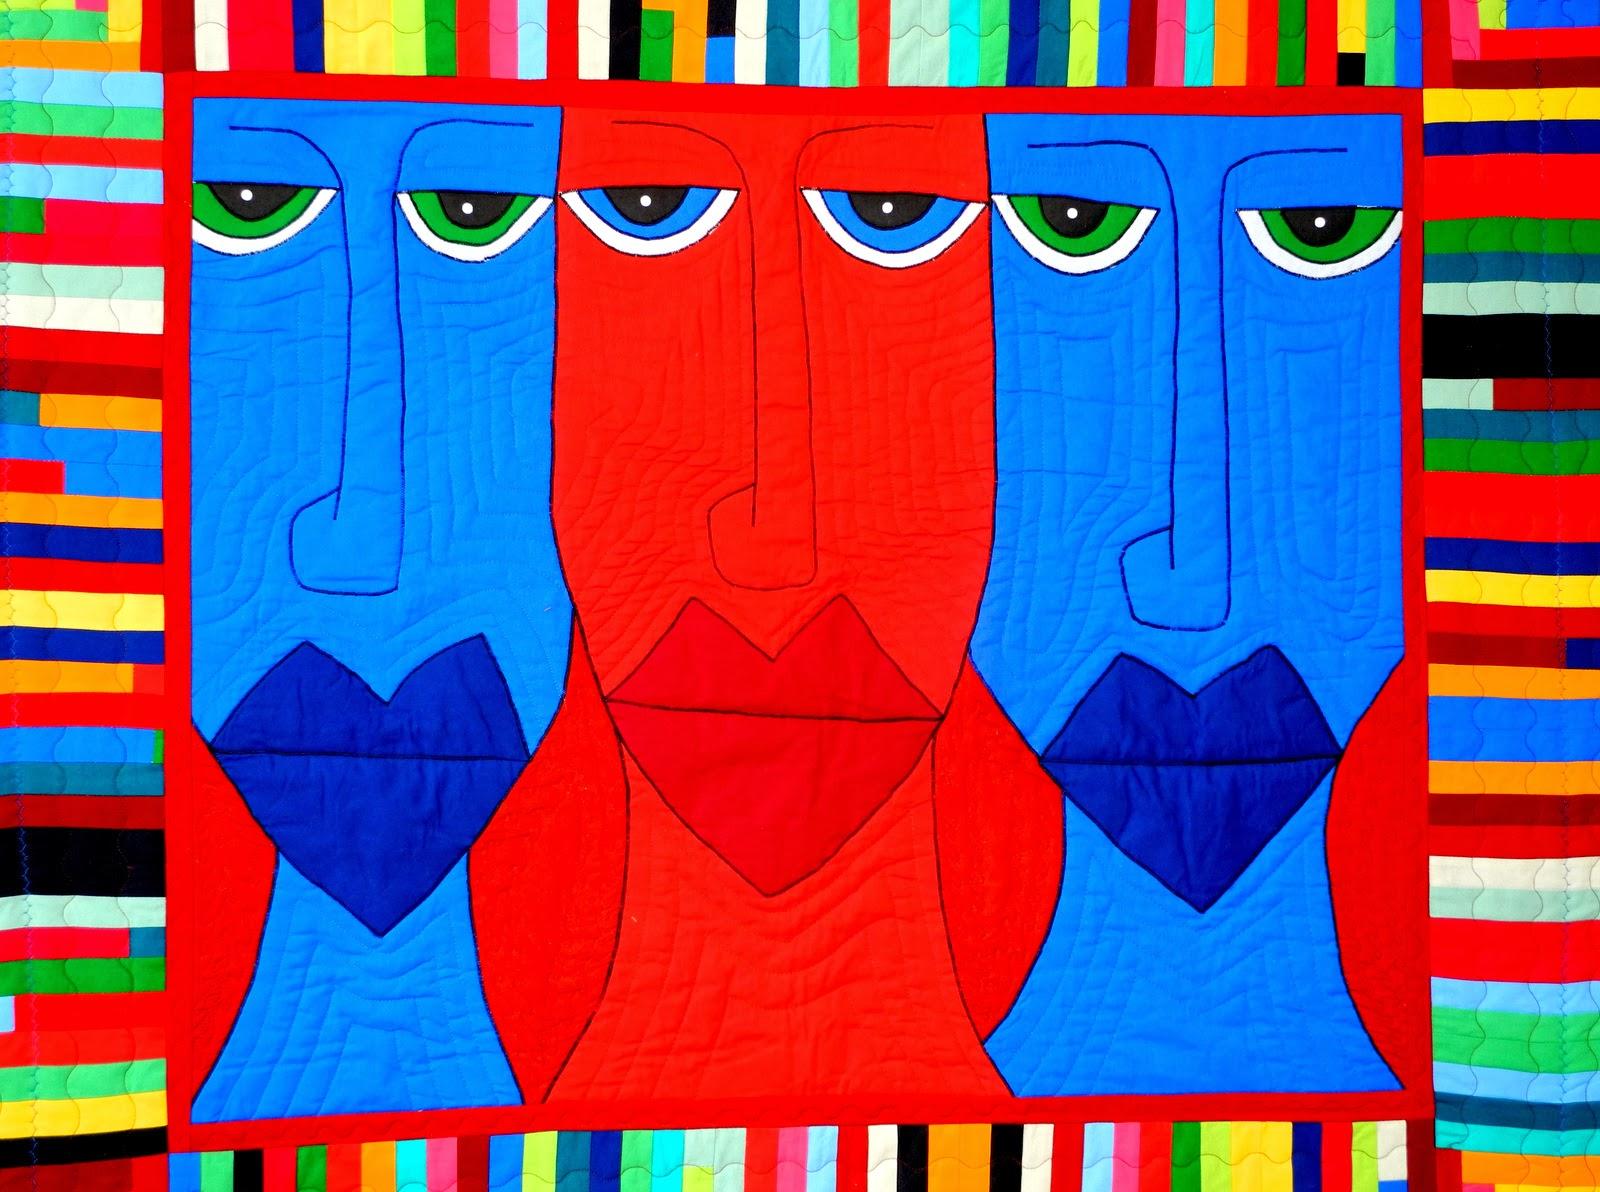 Куплю пэчворк Пэчворк купить Купить лоскутное одеяло Куплю покрывало пэчворк Пэчворк подушка Лоскутная подушка Пэчворк панно Лоскутное панно Лоскутный пэчворк Шитье пэчворк Рукоделие пэч- ворк Плед Лоскутное одеяло купить Техника пэчворк  Квилтинг Аппликация Пэчворк купить Куплю пэчворк Куплю покрывало пэчворк Купить покрывало в стиле пэчворк Одеяло пэчворк купить Лоскутное шитье купить Плед